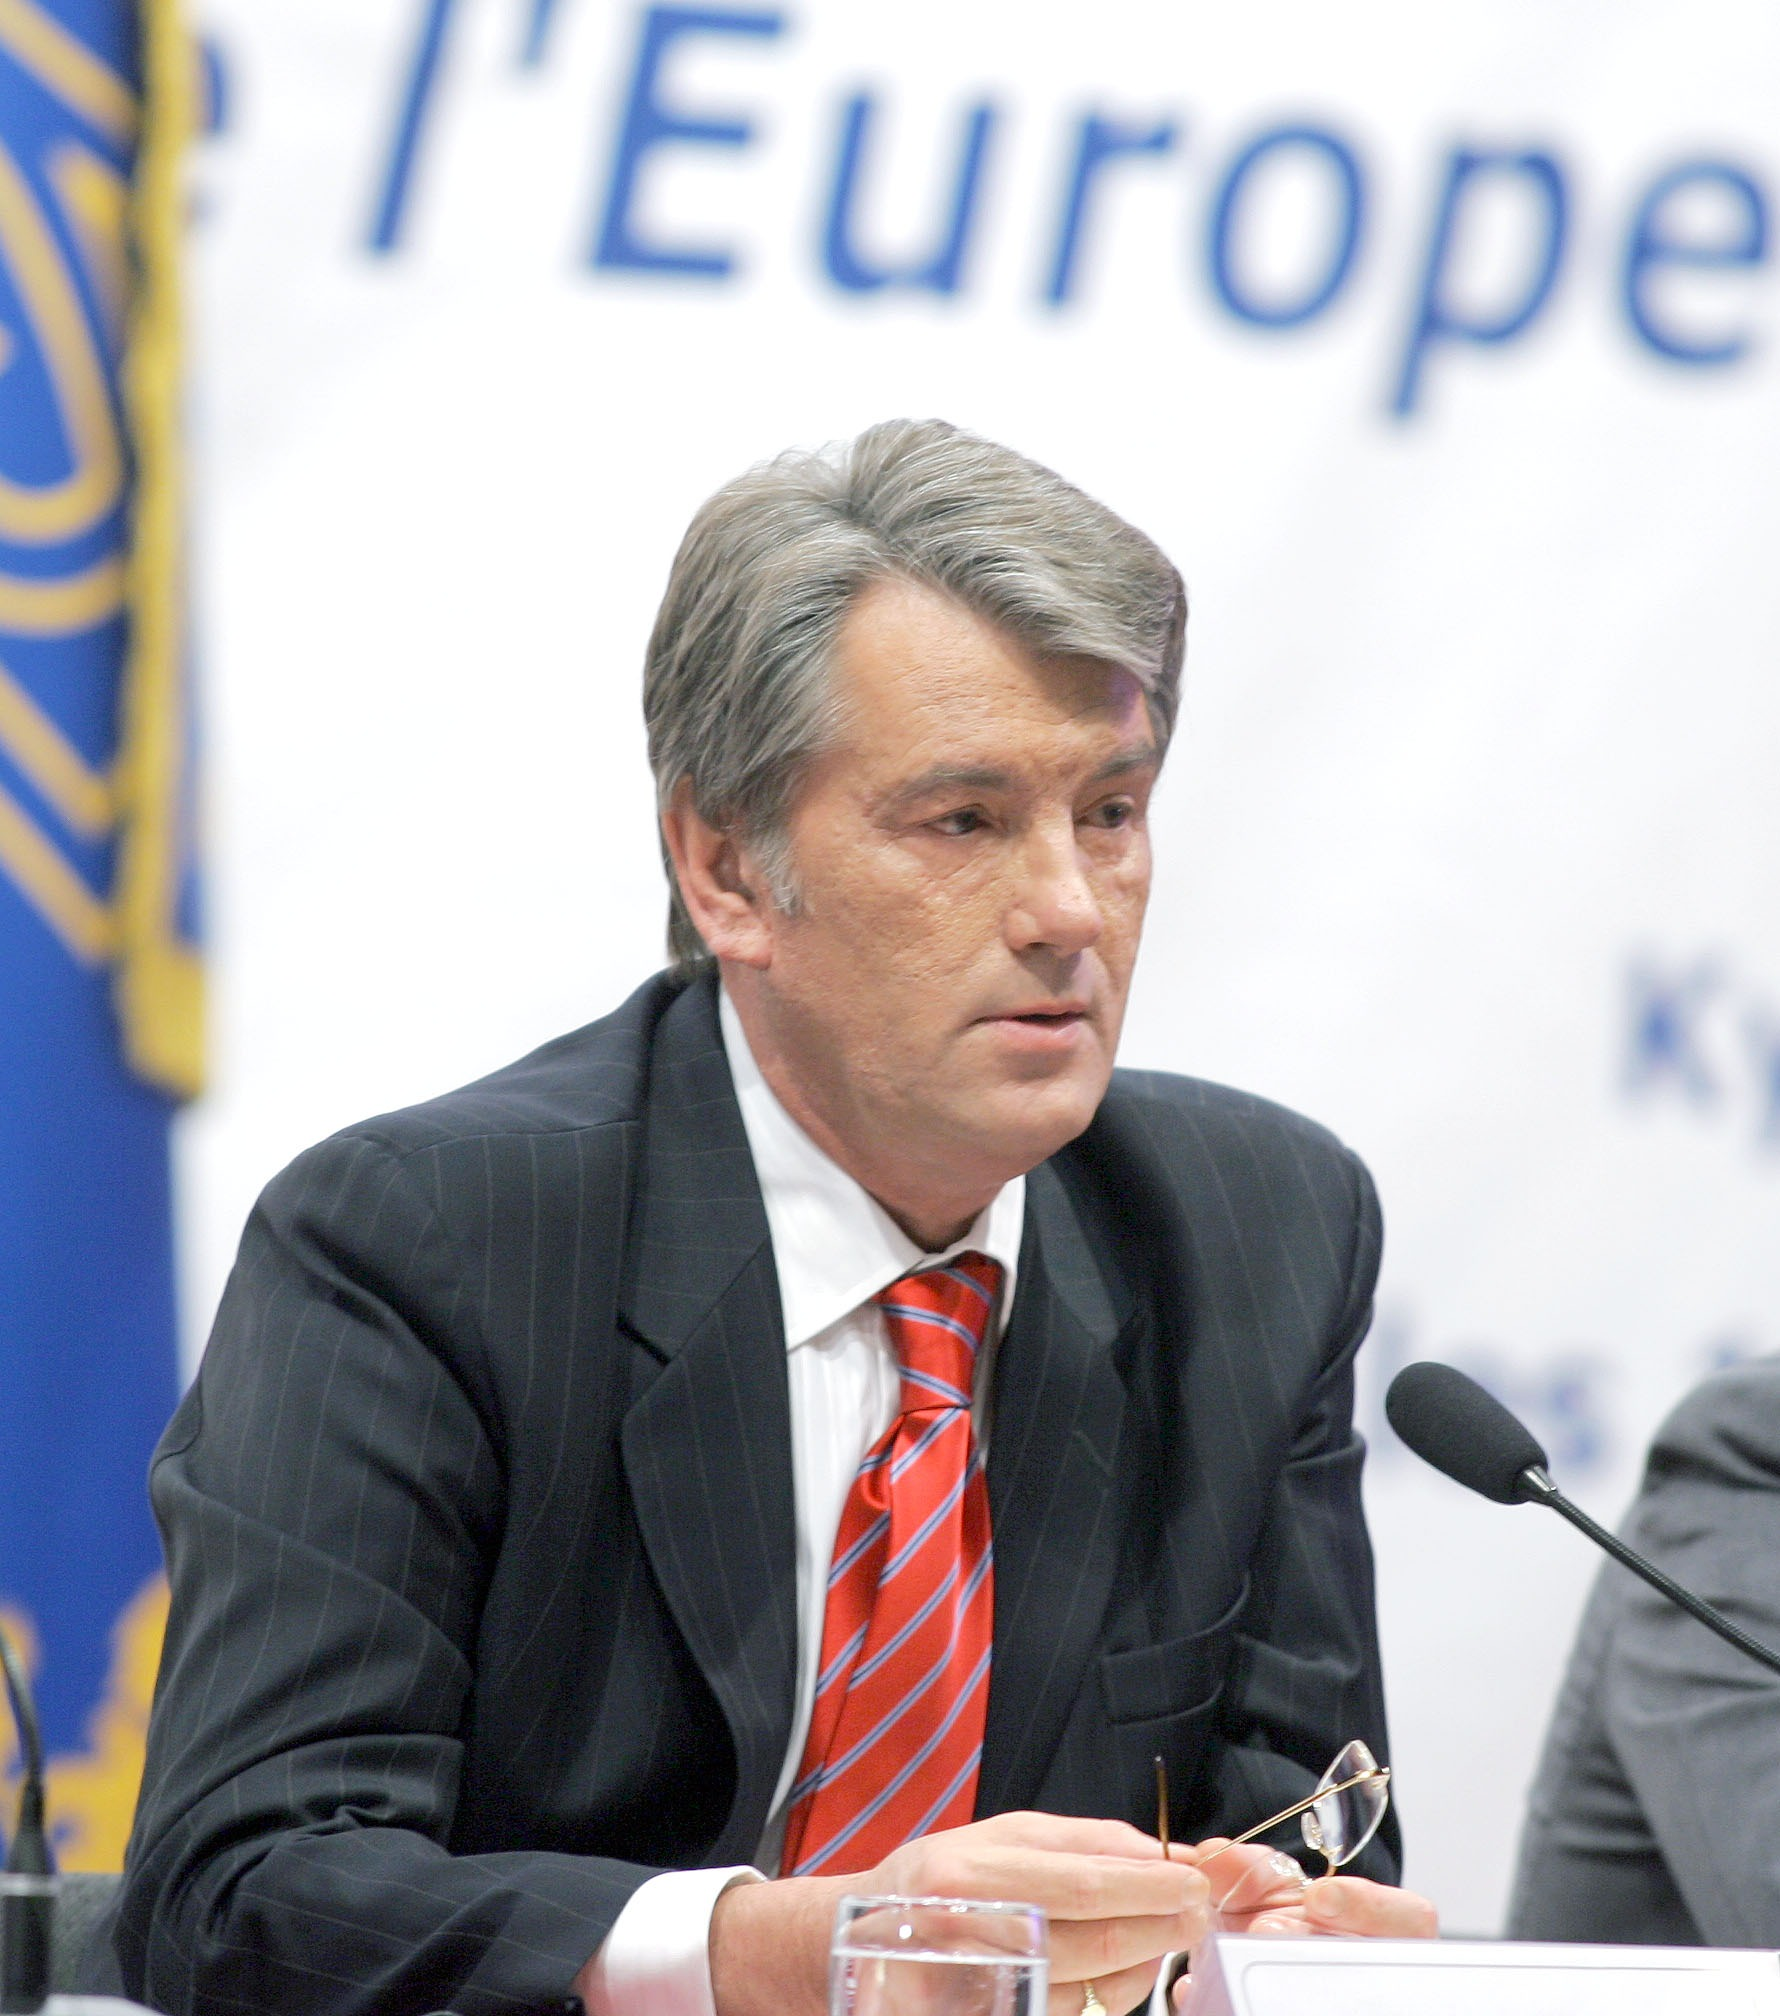 Viktor Yushchenko Quotes. QuotesGram